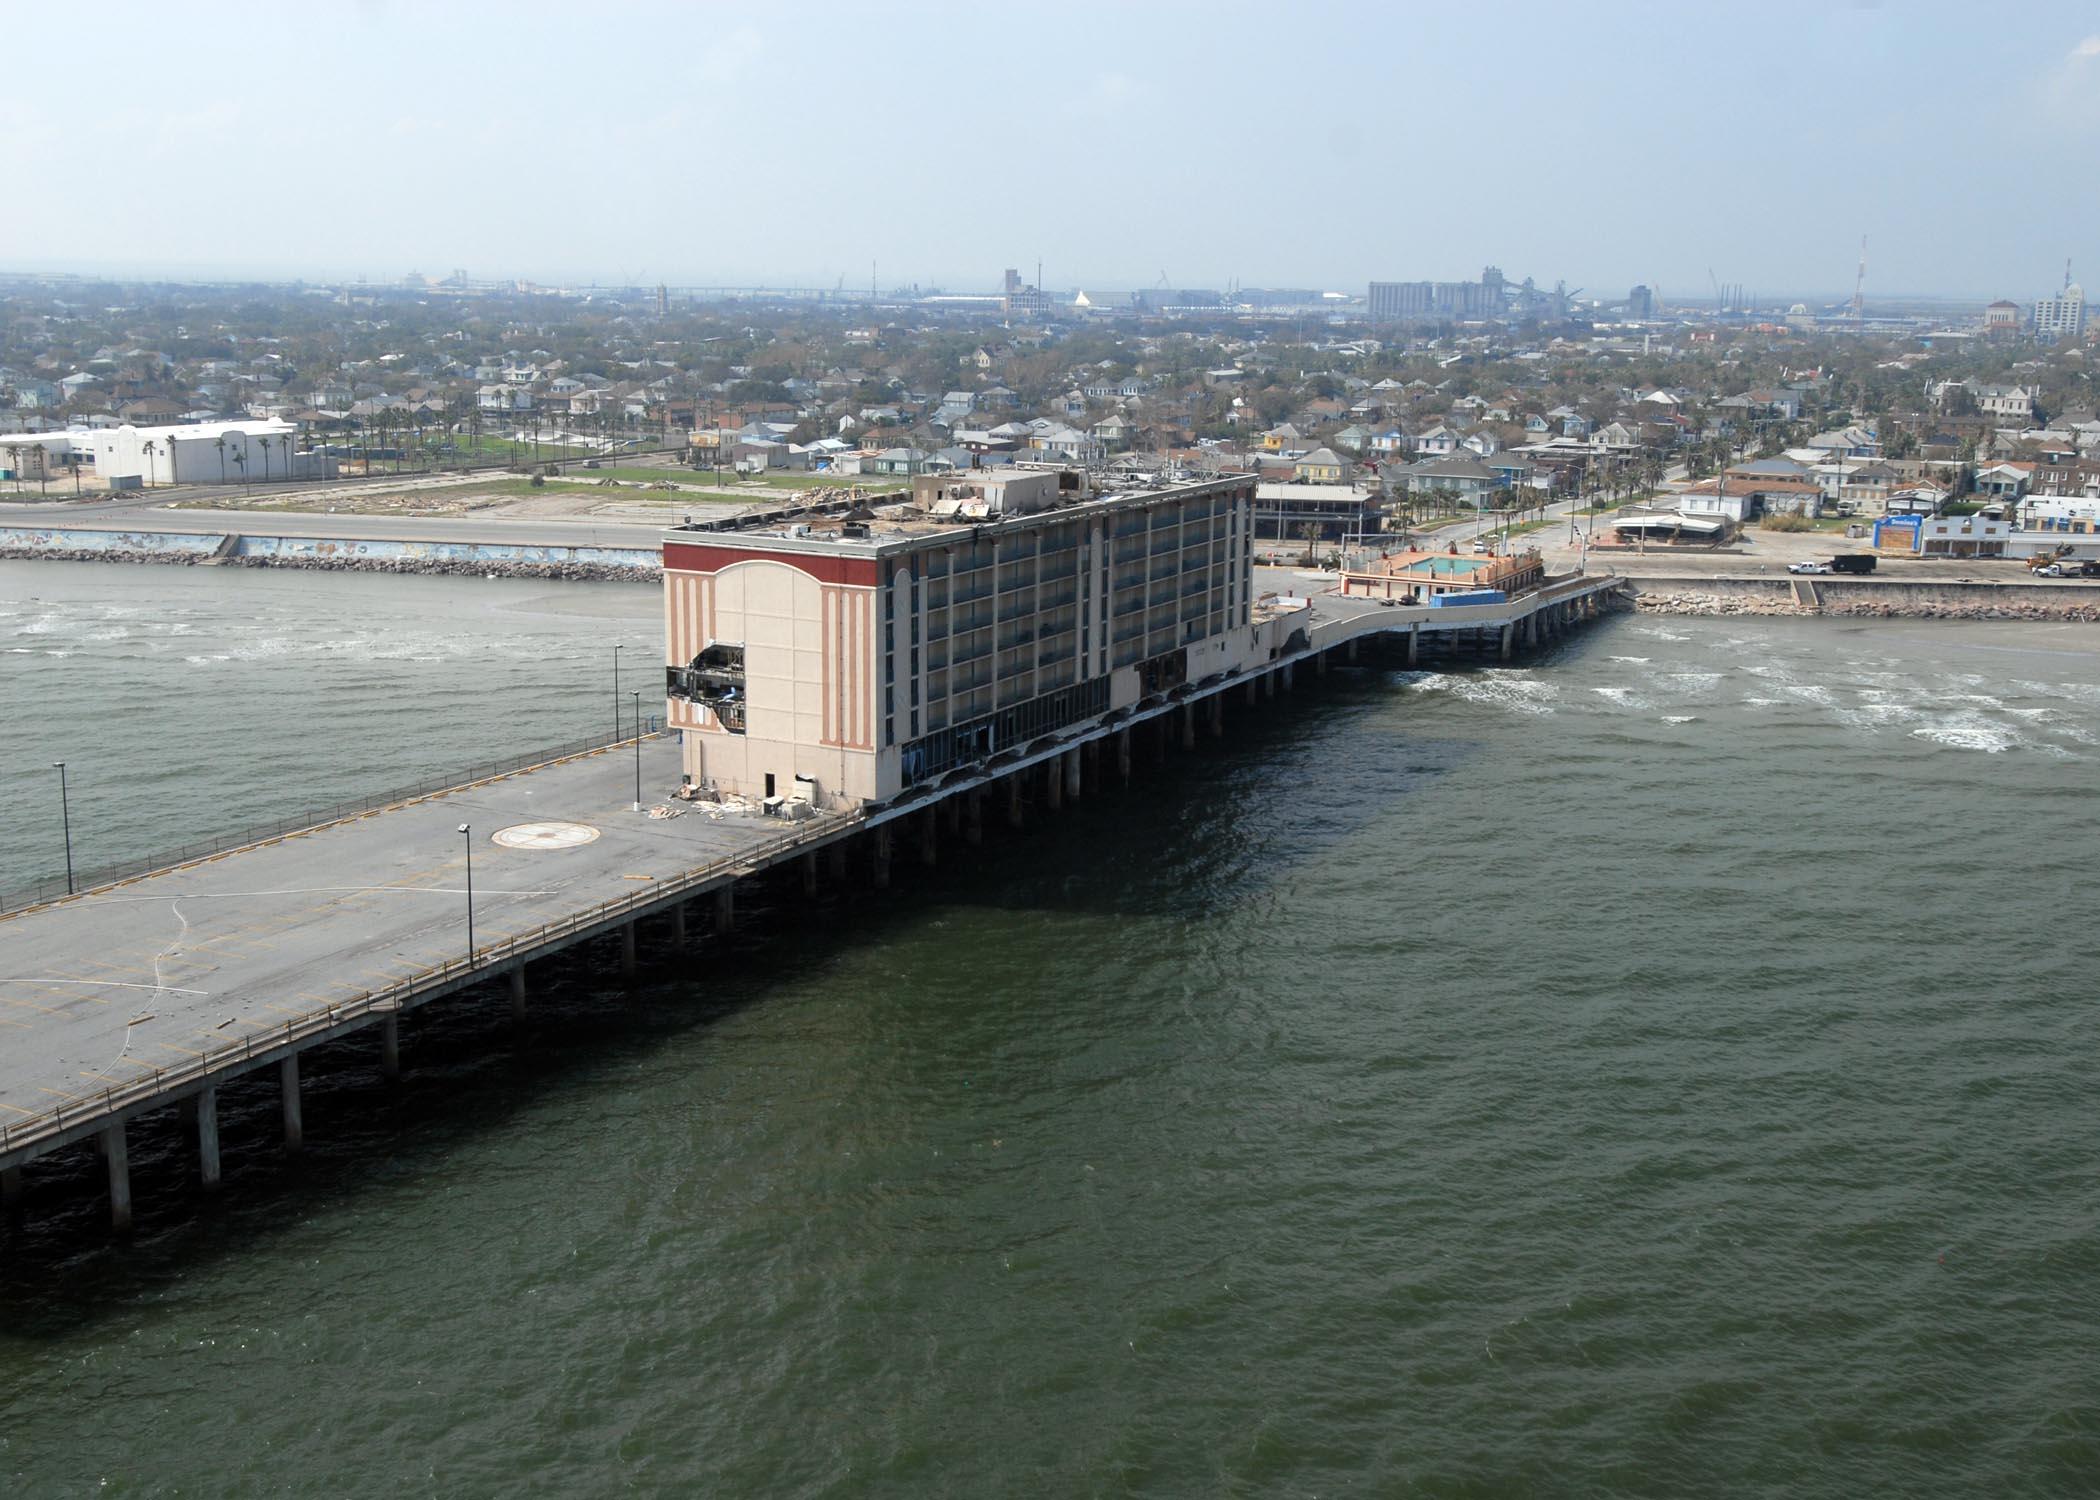 Hotels In Galveston Tx Near The Beach